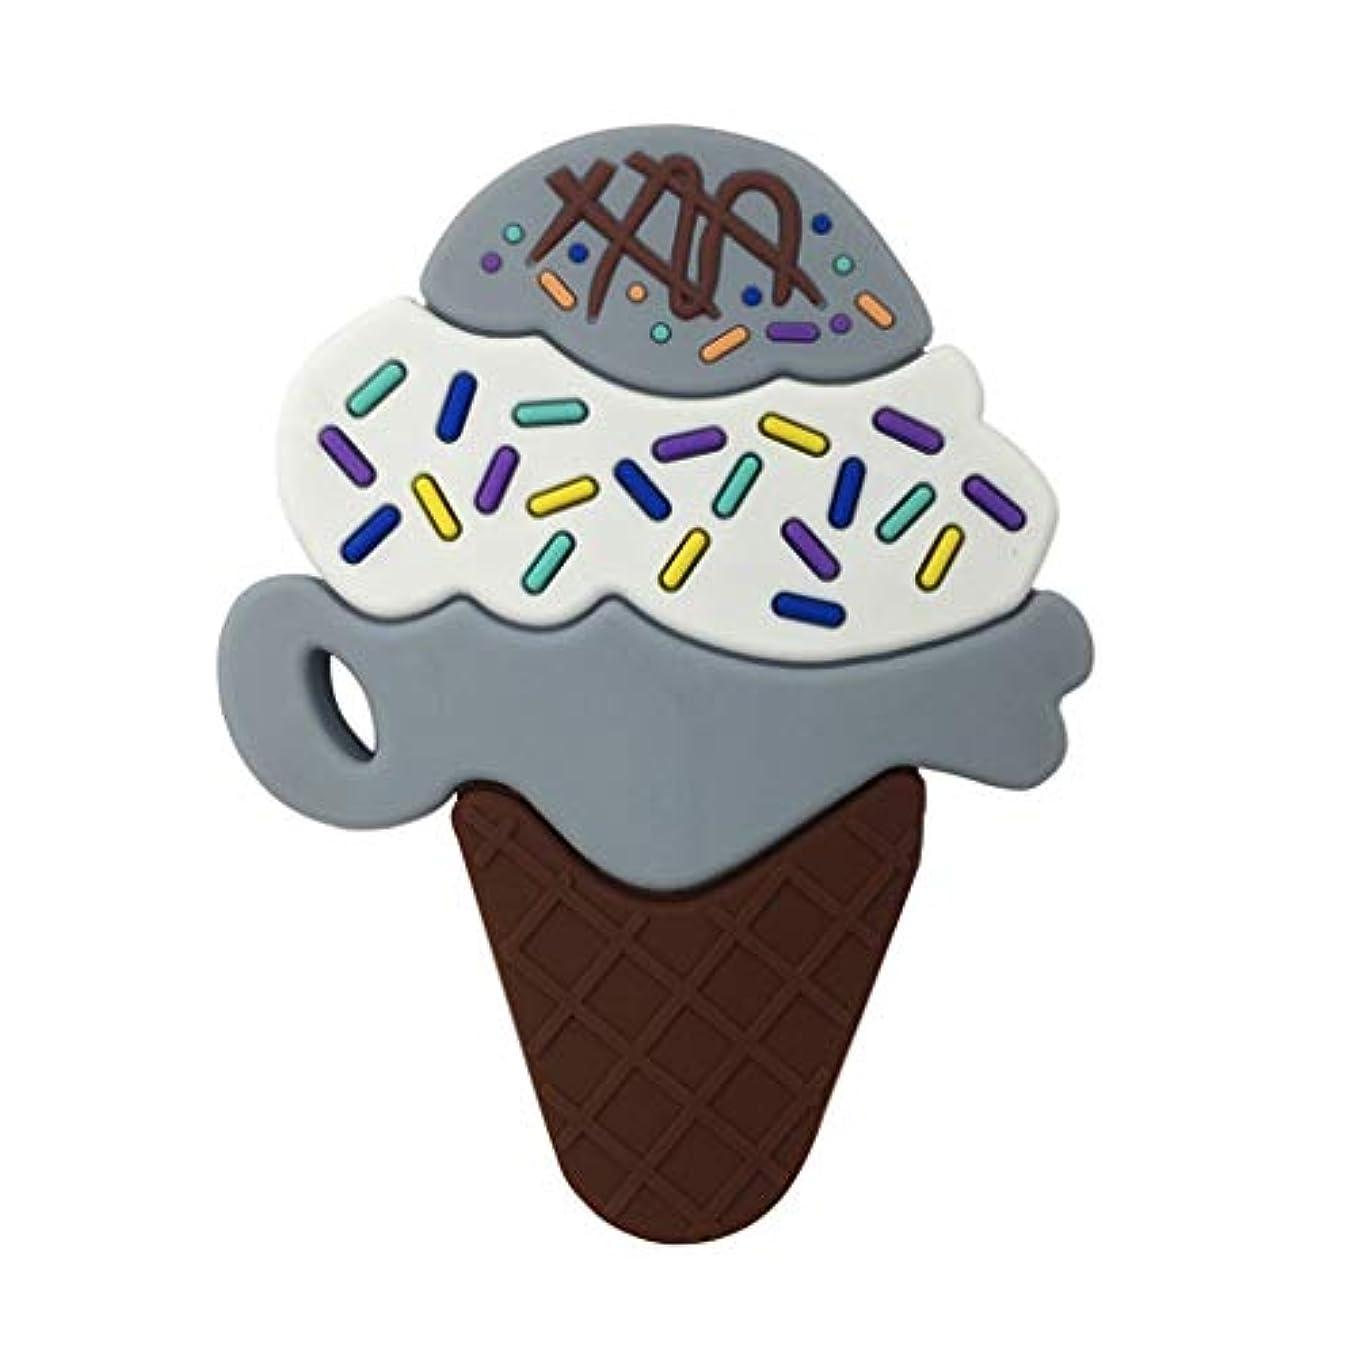 インタビュー崩壊受けるLanddumシリコーンおしゃぶり3層アイスクリームおしゃぶり赤ちゃんの授乳玩具チューイング玩具ガラガラ玩具 - グレー